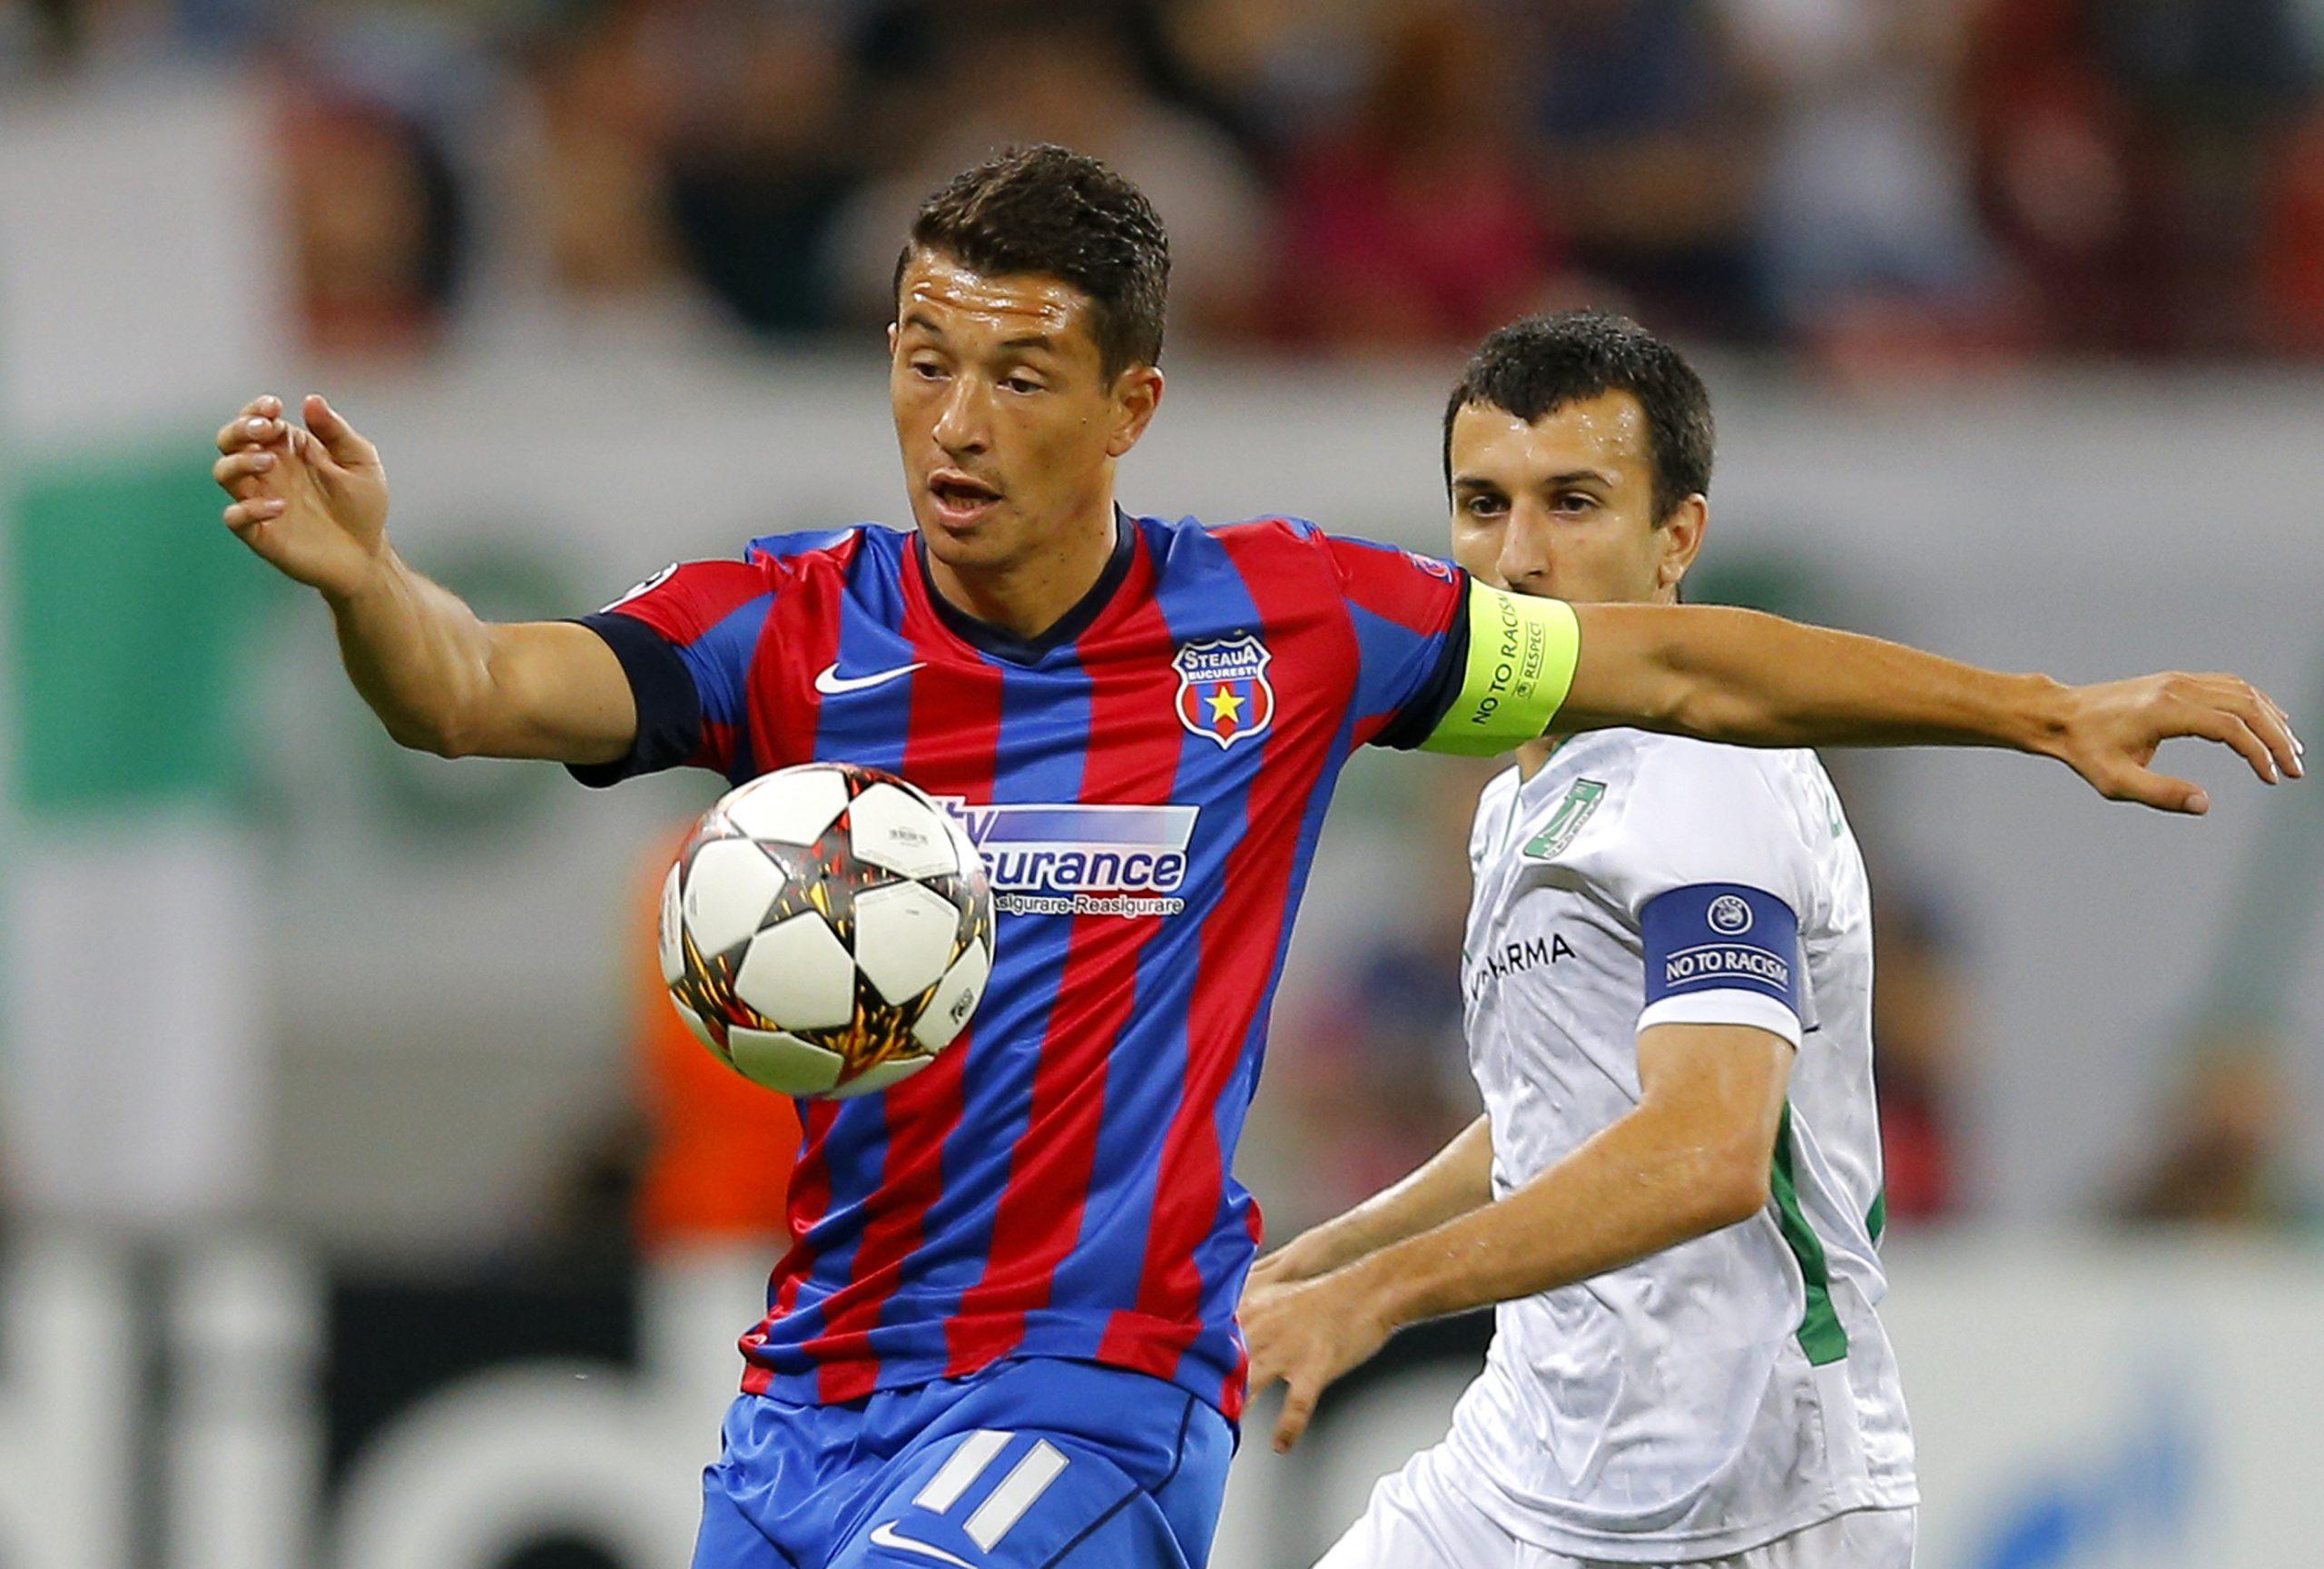 Andrei Prepeliță are trei titluri în palmares cu FCSB